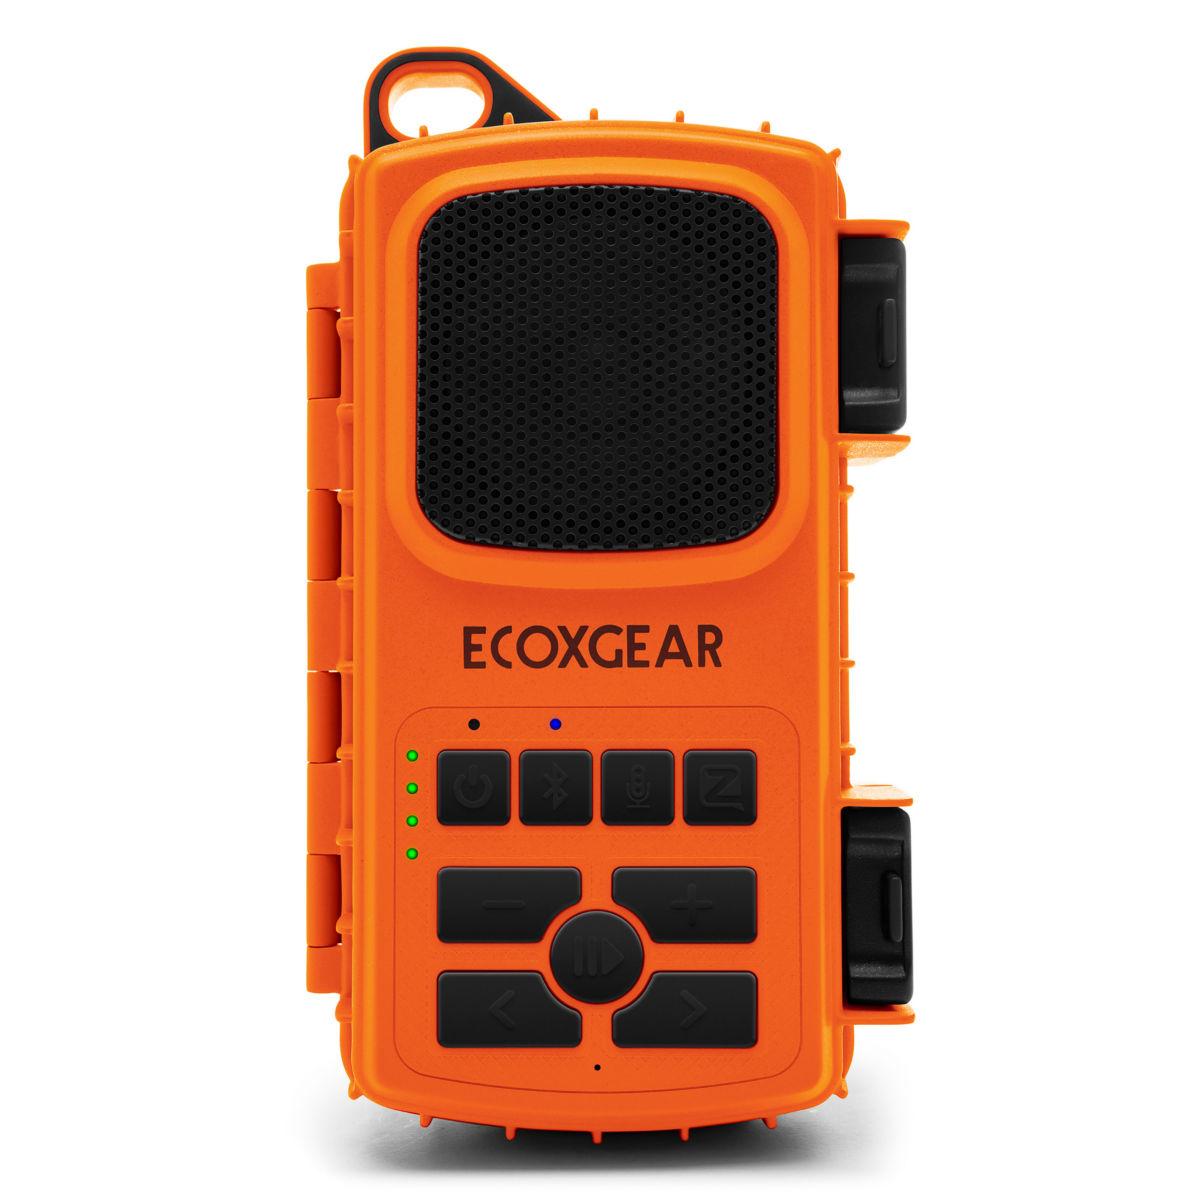 ECOXGEAR Extreme 2 Phone Case - image number 0